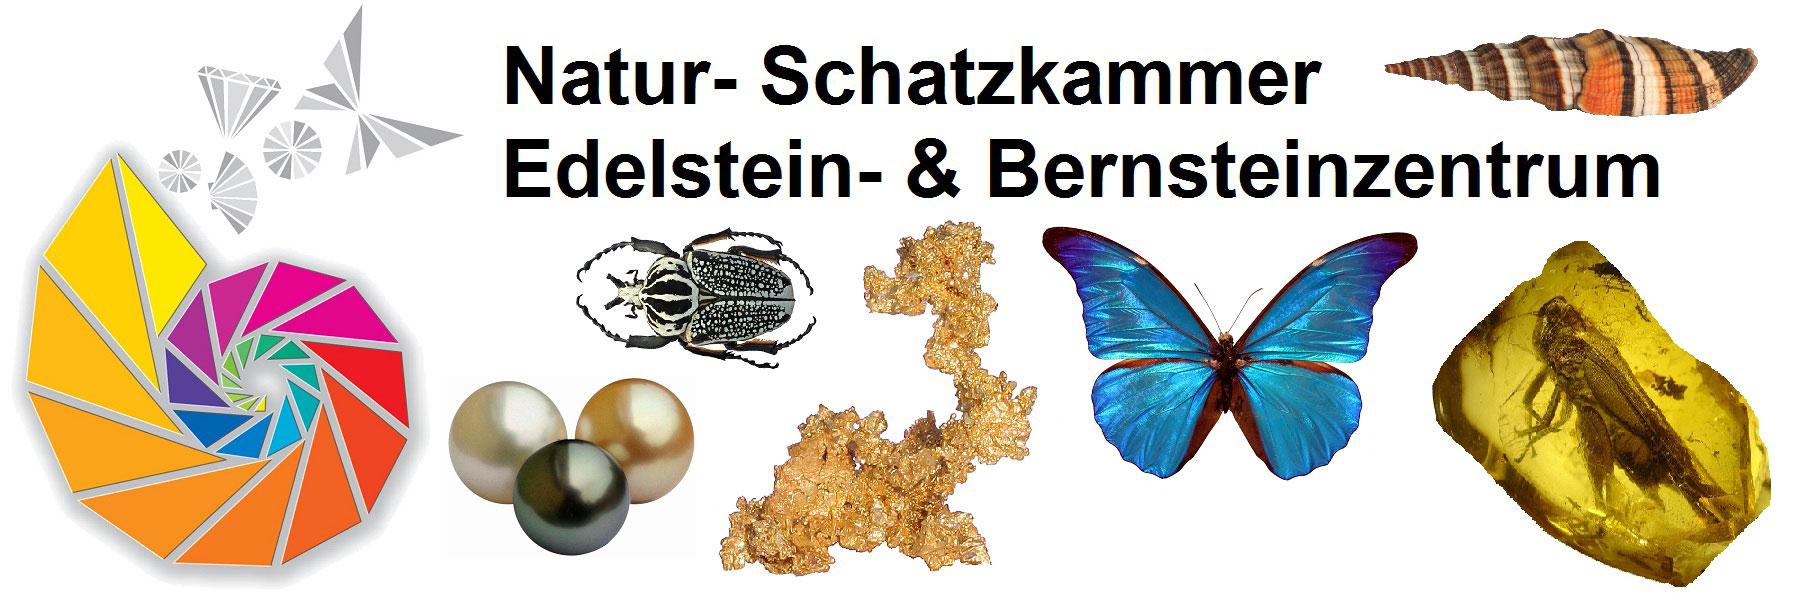 Bernsteinzentrum - Natur-Schatzkammer Neuheide